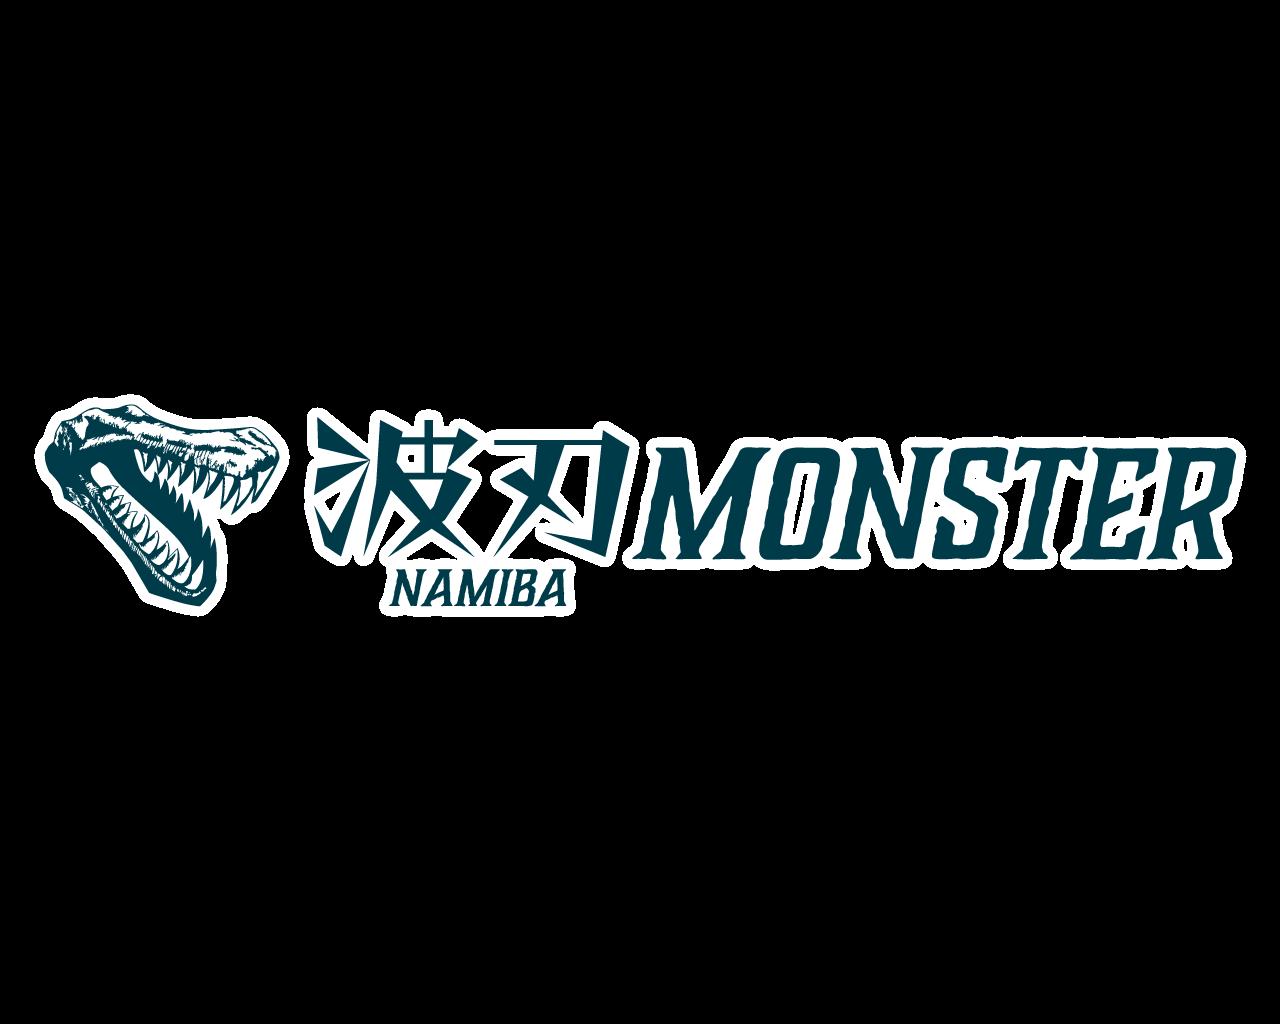 波刃モンスター|株式会社サンクラフト